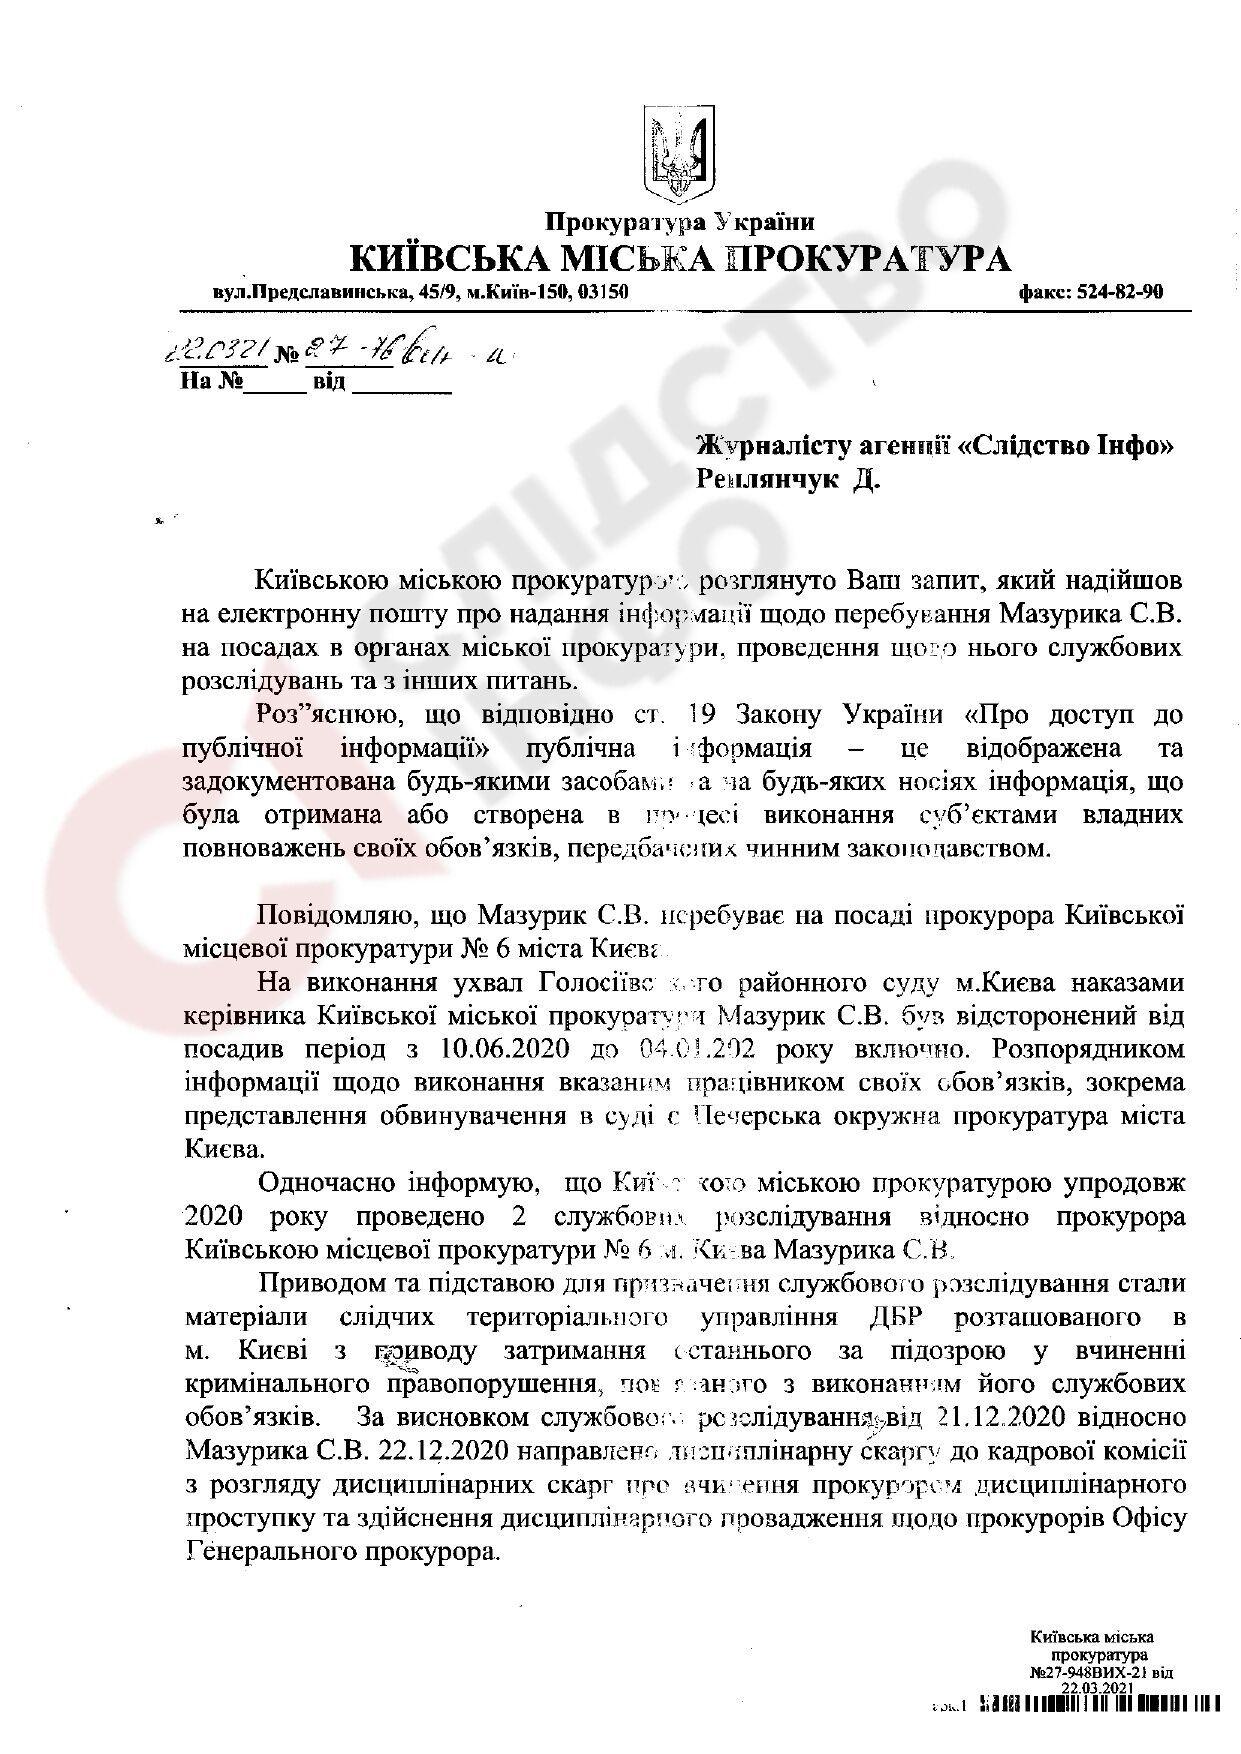 Відповідь прокуратури Києва щодо Святослава Мазурика.